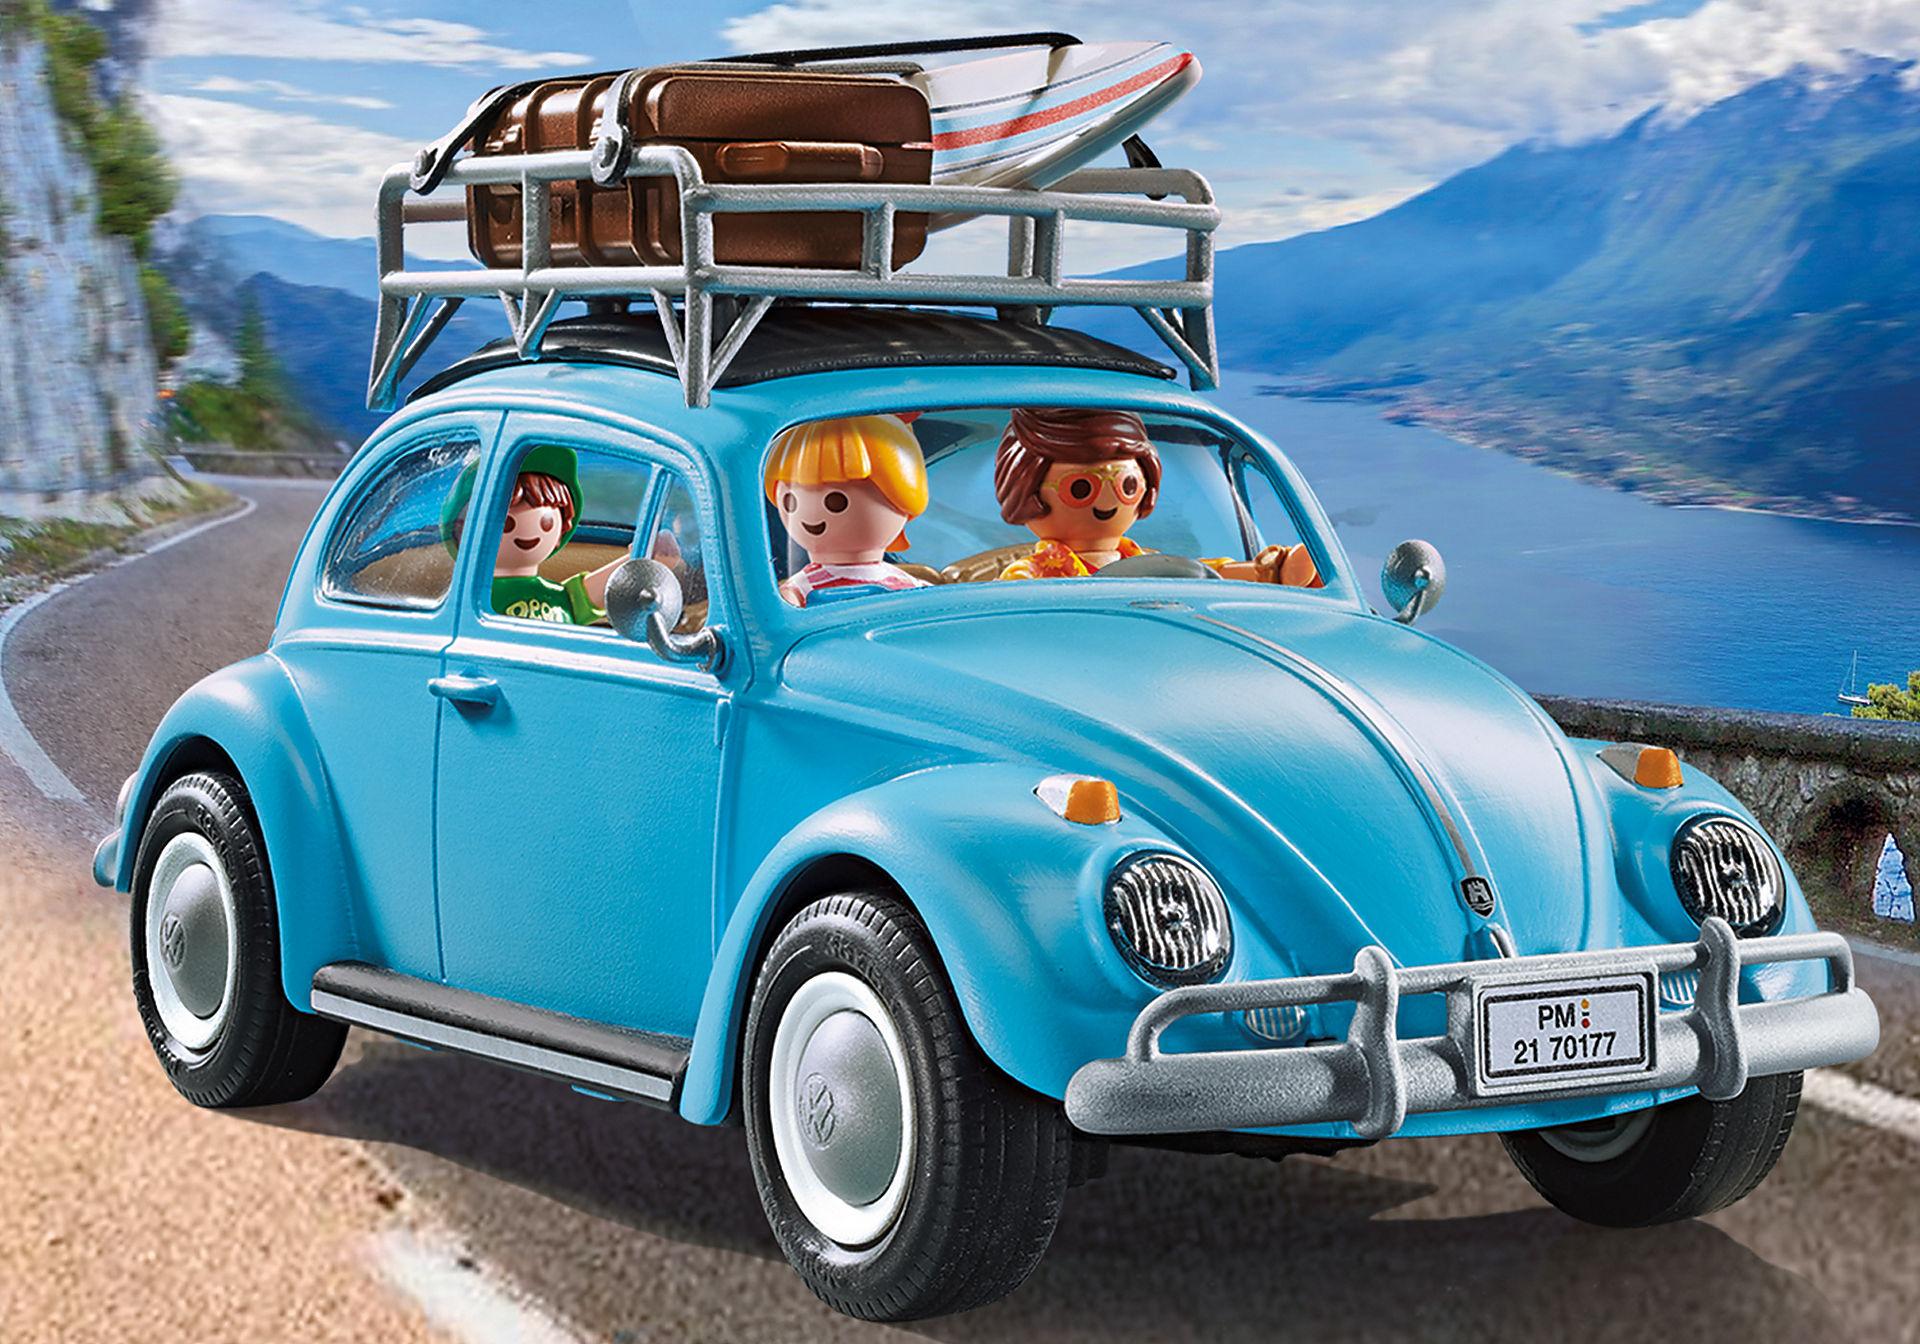 70177 Volkswagen Σκαραβαίος zoom image5